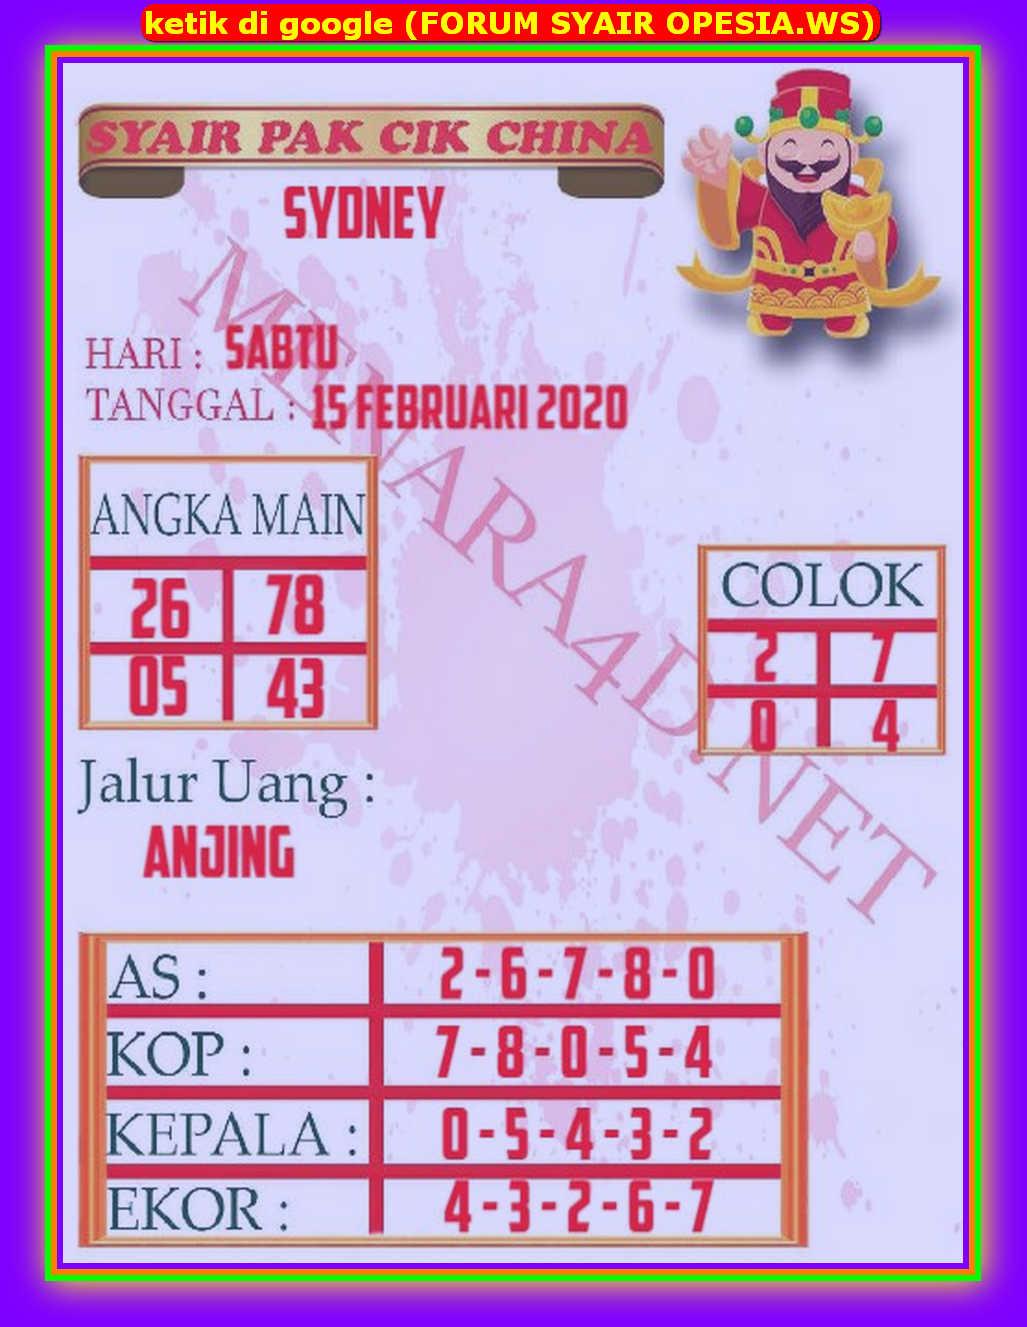 Kode syair Sydney Sabtu 15 Februari 2020 94